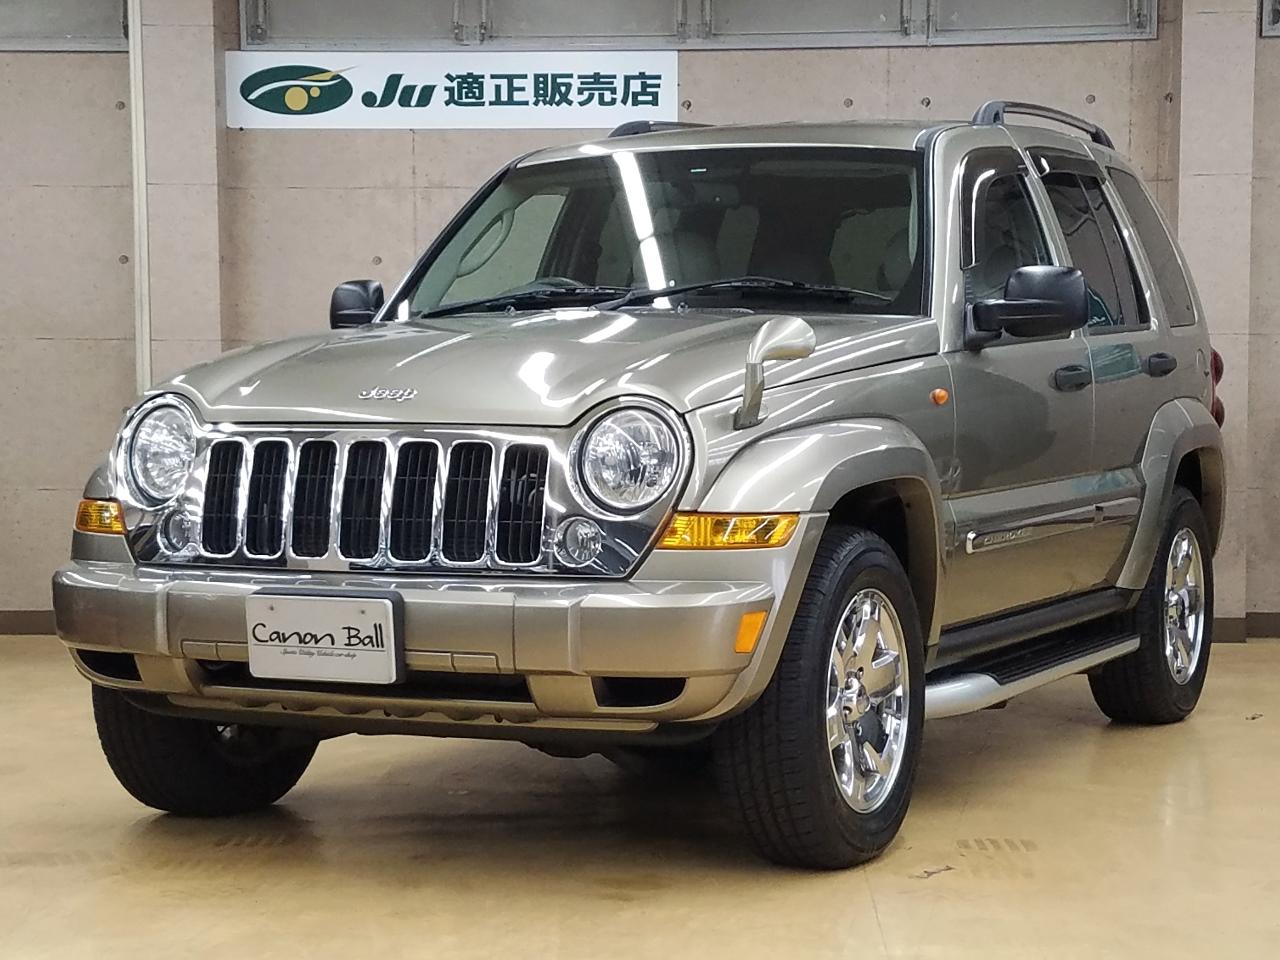 リミテッド 本革内装 KJ型Jeep最終モデル 【2008y登録車】 のイメージ画像です